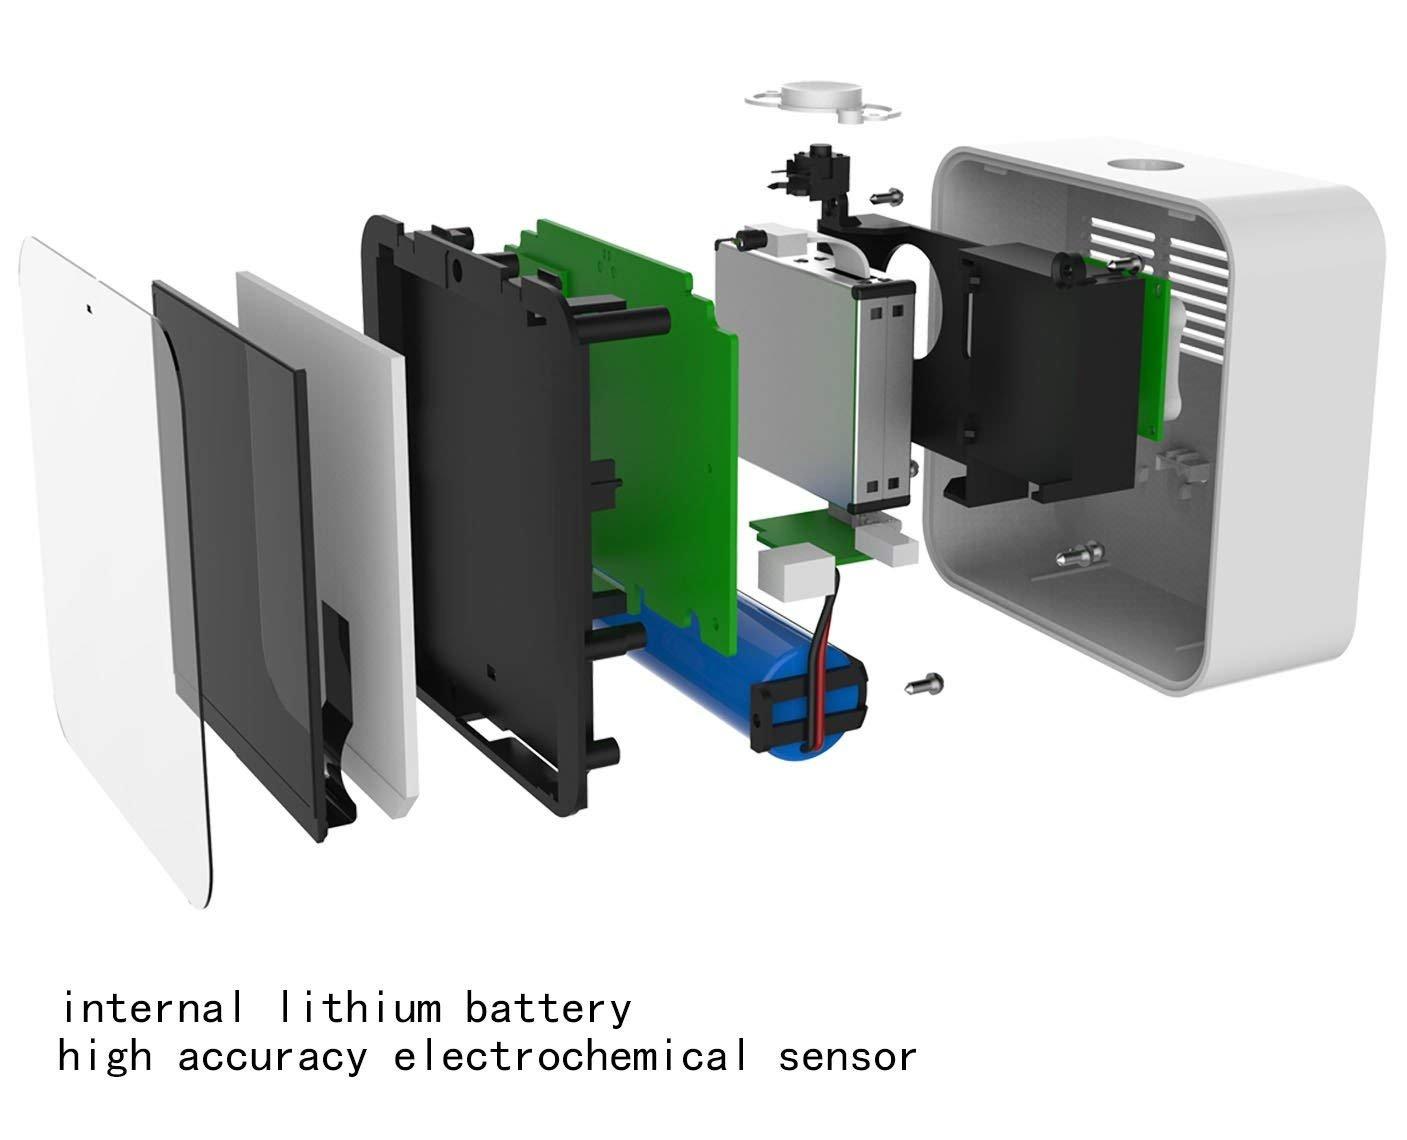 Werkzeuge Messung Und Analyse Instrumente 100% QualitäT Air Qualität Tester Tragbare Laser Pm2.5 Detektor Smart Monitor Für Home Office Auto